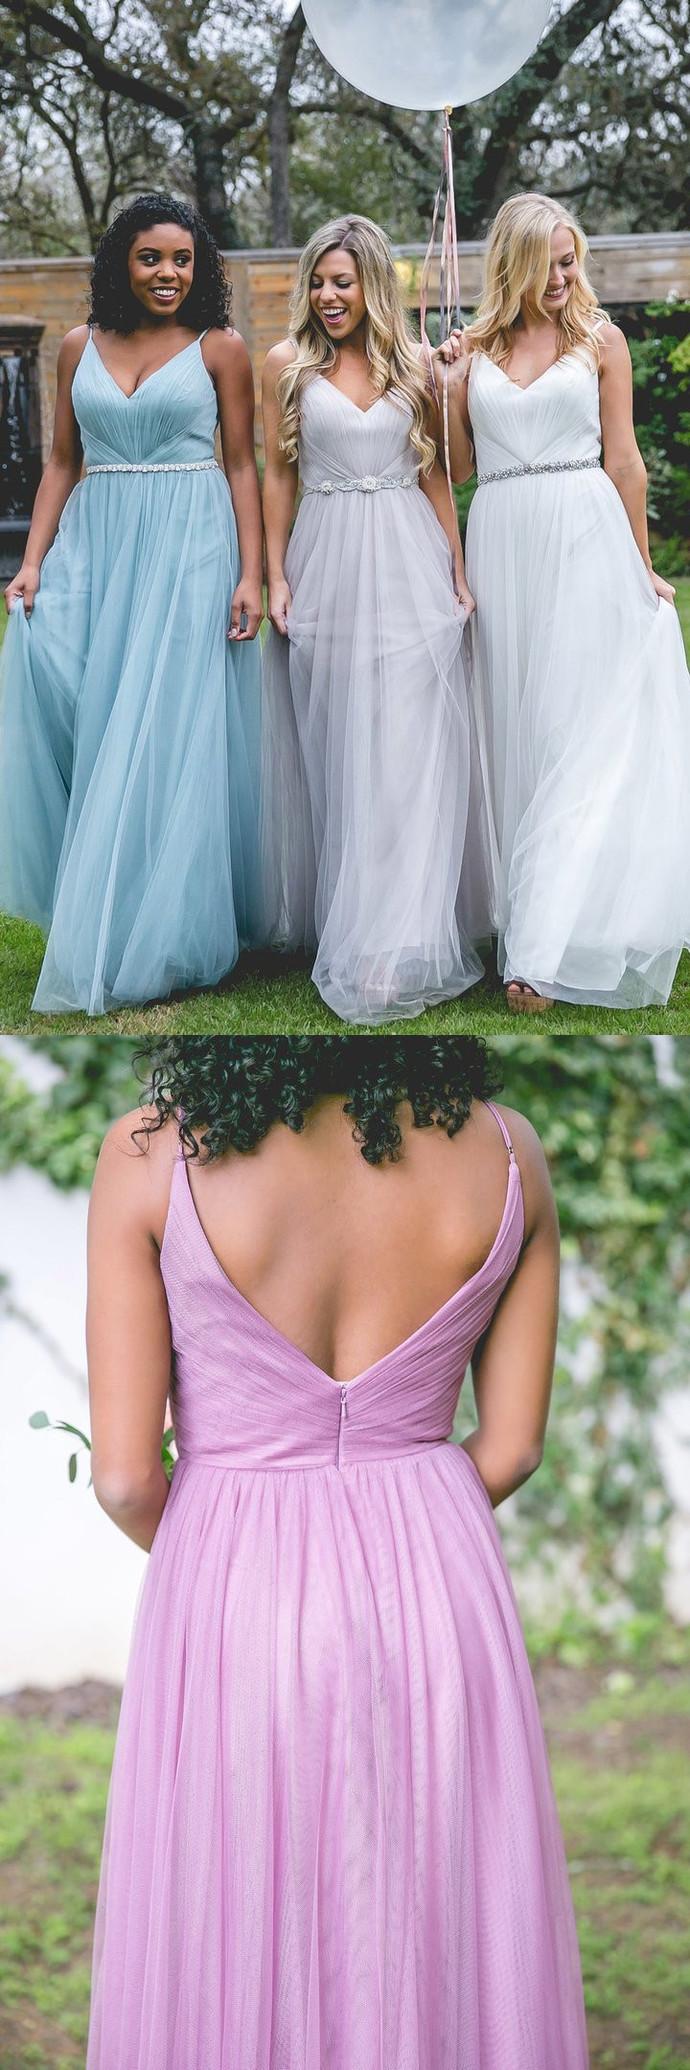 Long Bridesmaid Dress, Tulle Bridesmaid Dress, V-Neck Bridesmaid Dress, Dress